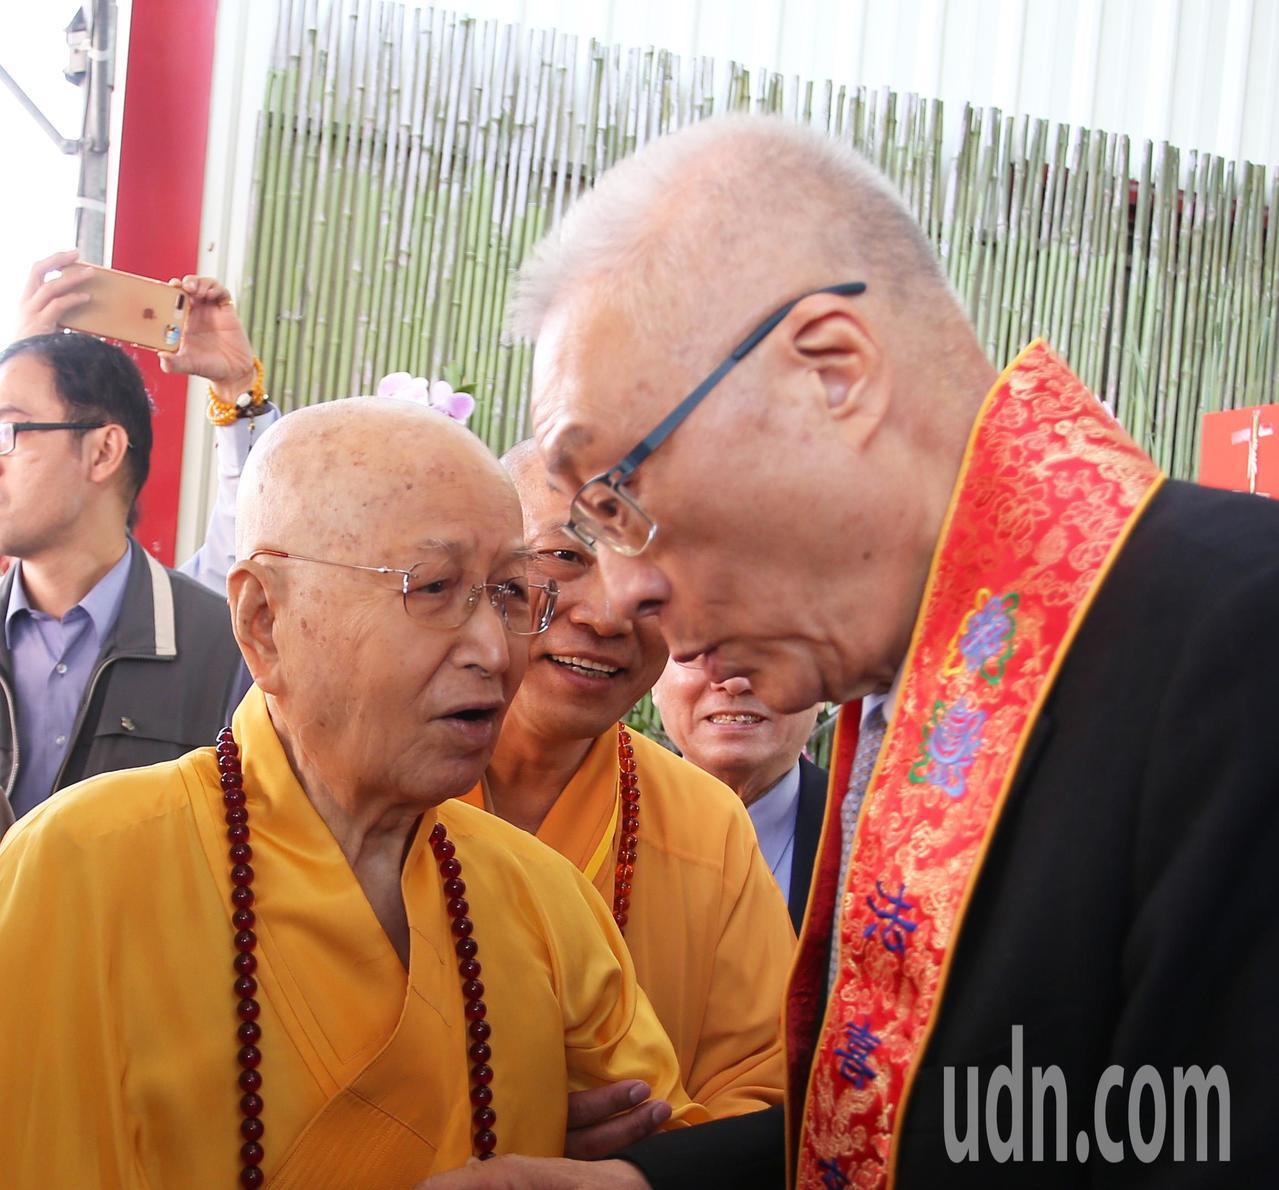 國民黨主席吳敦義(右)到高雄光德寺參加祈福法會,住持淨心長老(左)親自迎接。記者...